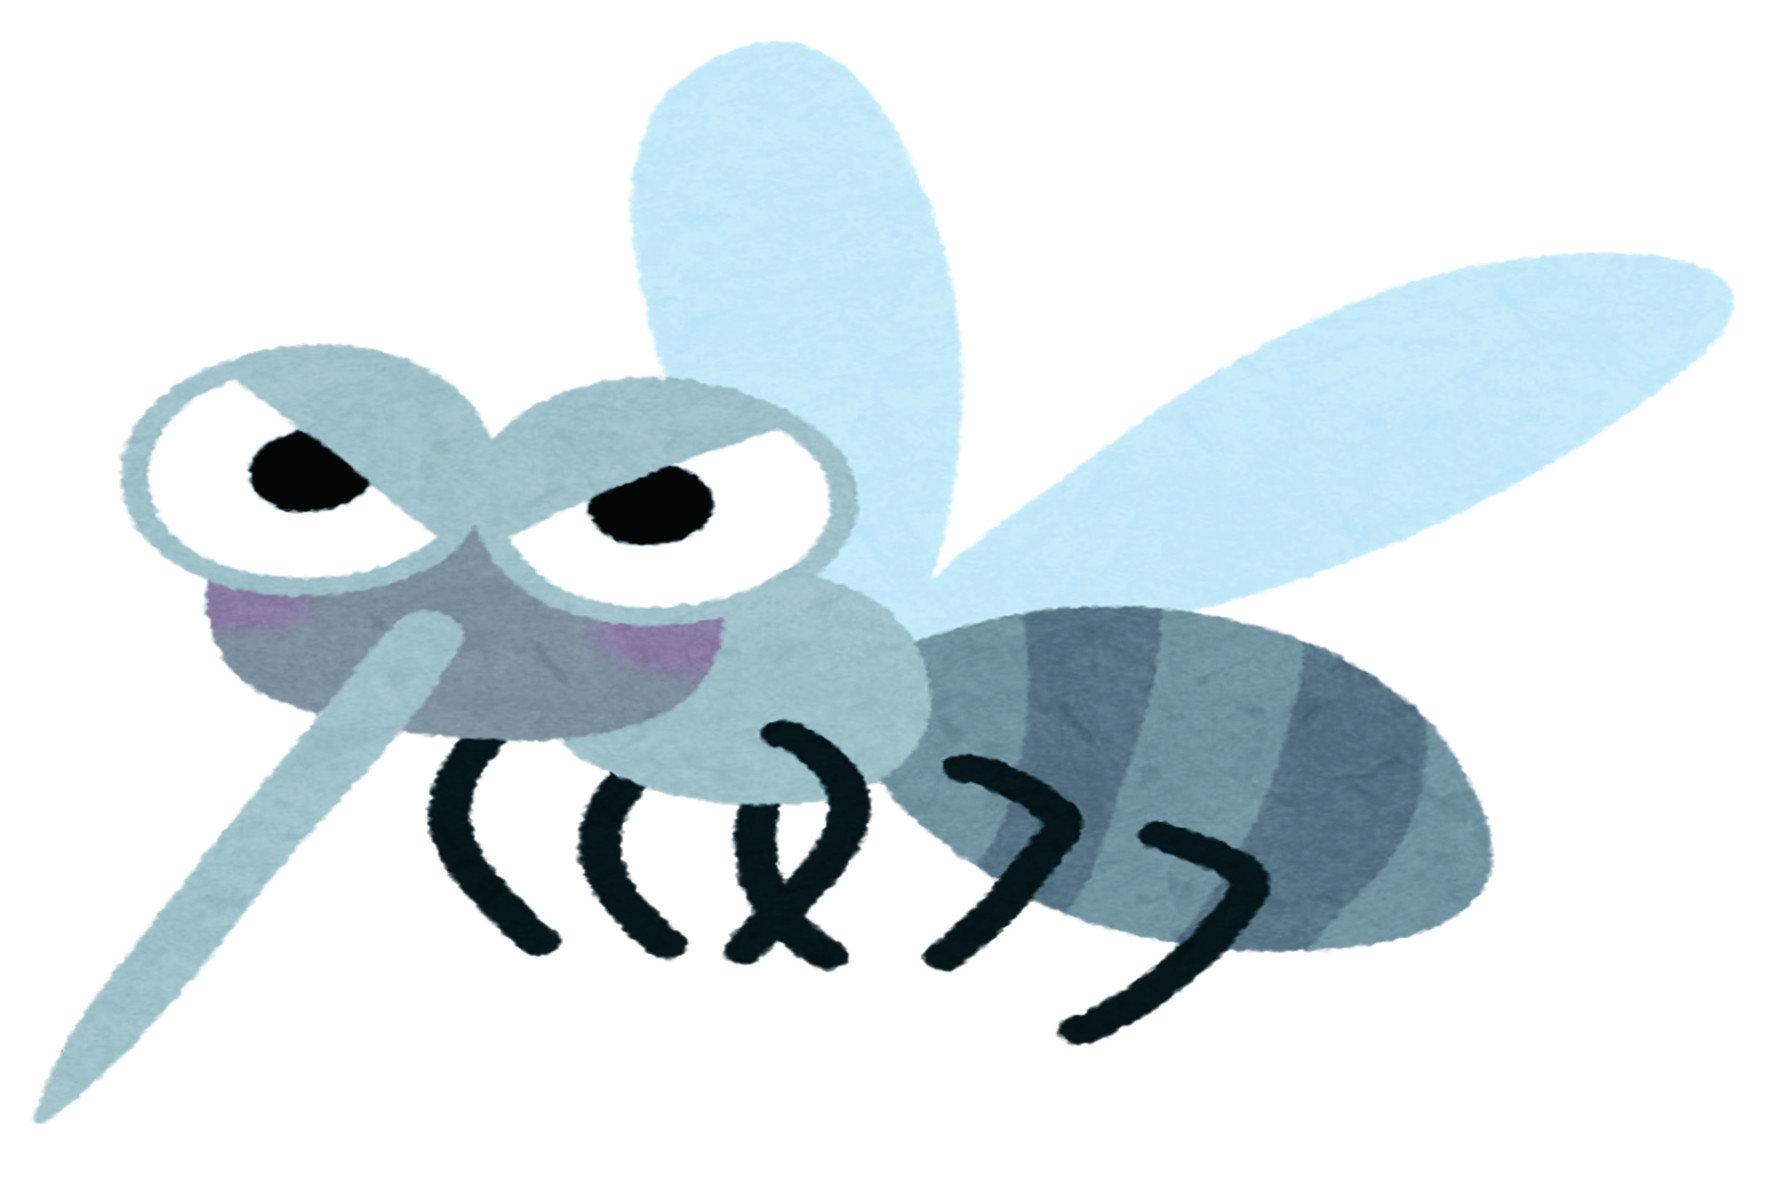 地下家蚊是一種不用吸血也能產卵的蚊子,無論白天或晚上都會吸血,許多時候都躲藏在室內, 與人類一同生活。外觀為咖啡色,體型比白線斑蚊再小一些,大約只有三到七毫米。